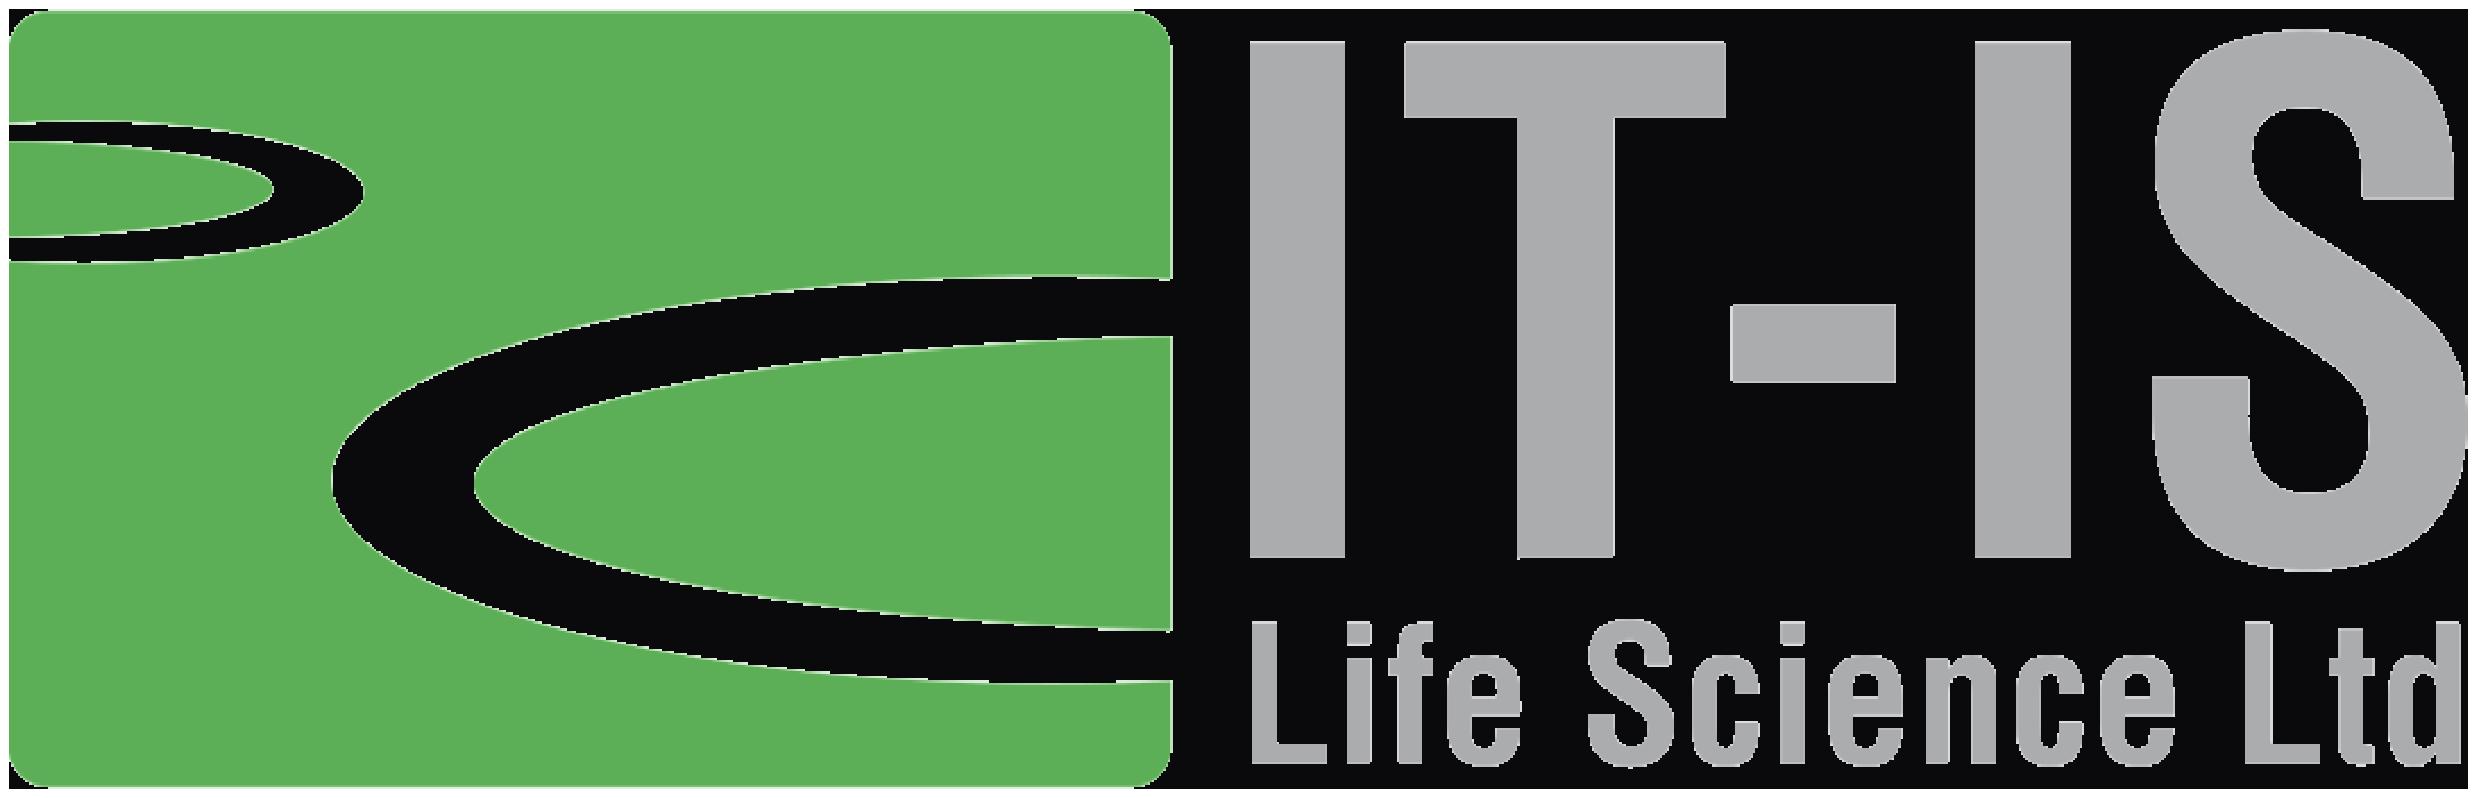 IT-IS Life Science Ltd